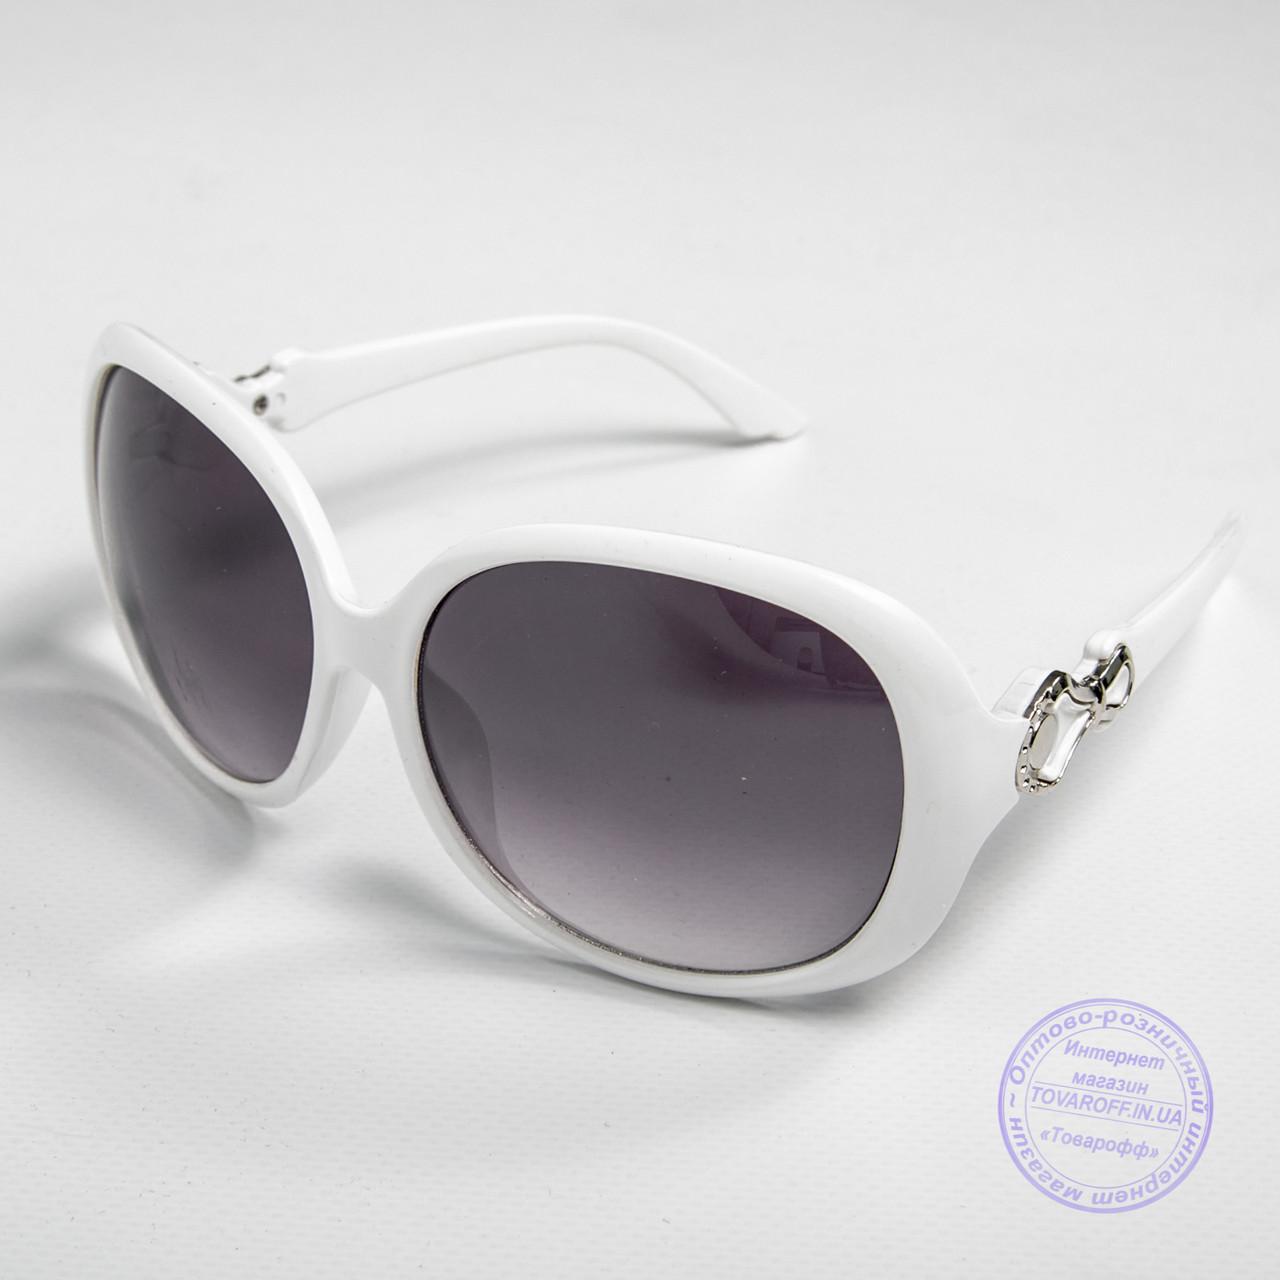 Розпродаж жіночих сонячних окулярів оптом - Білі - 9972